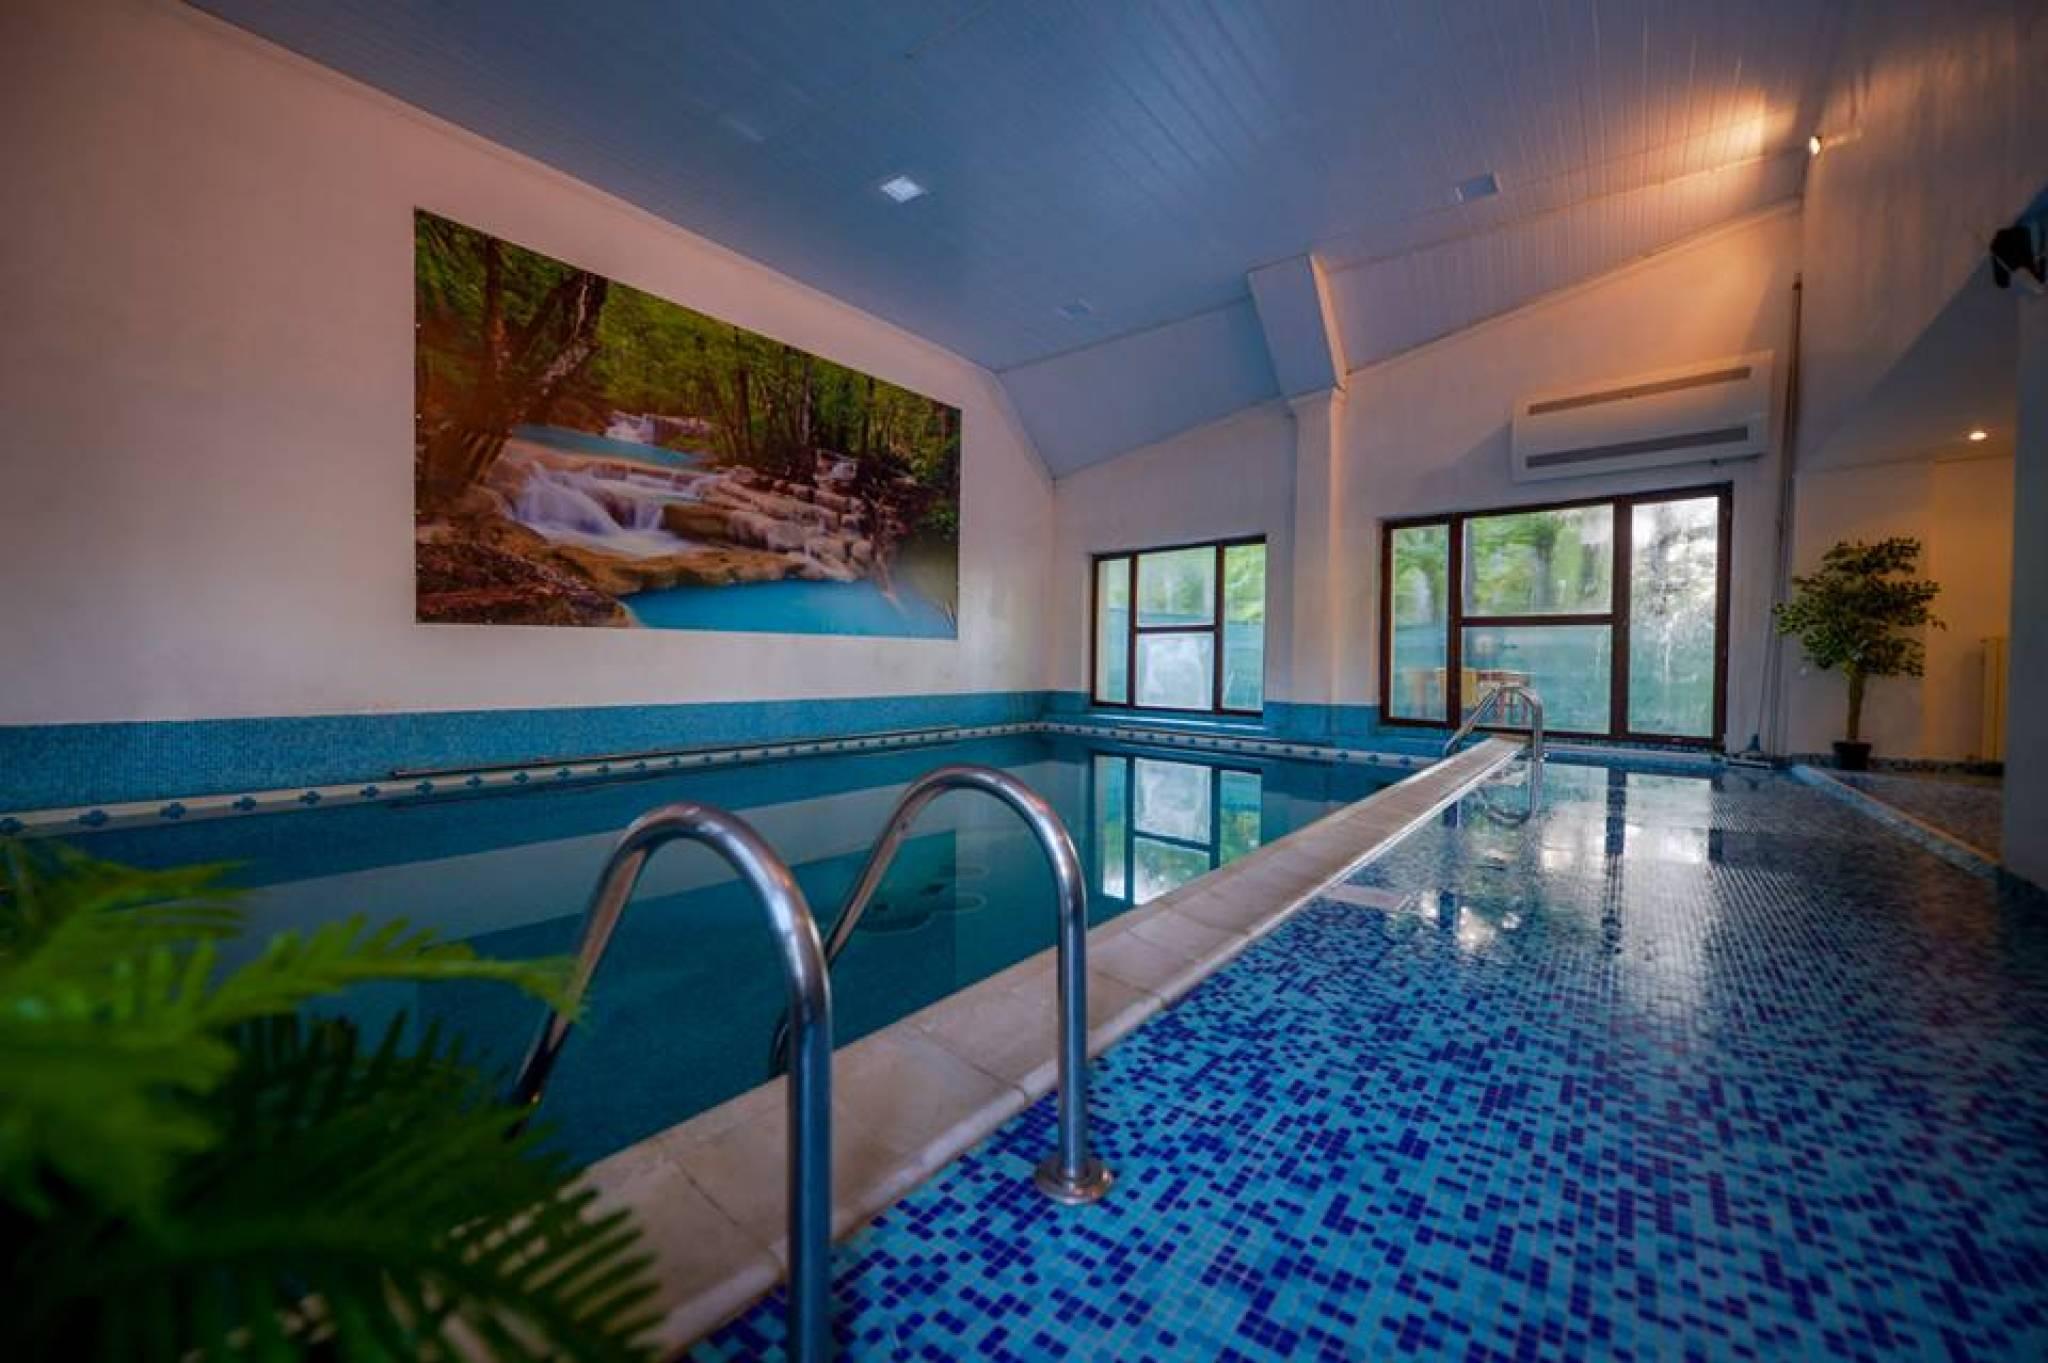 20 de hoteluri si pensiuni din romania ideale pentru for Cazare cu piscina interioara valea prahovei